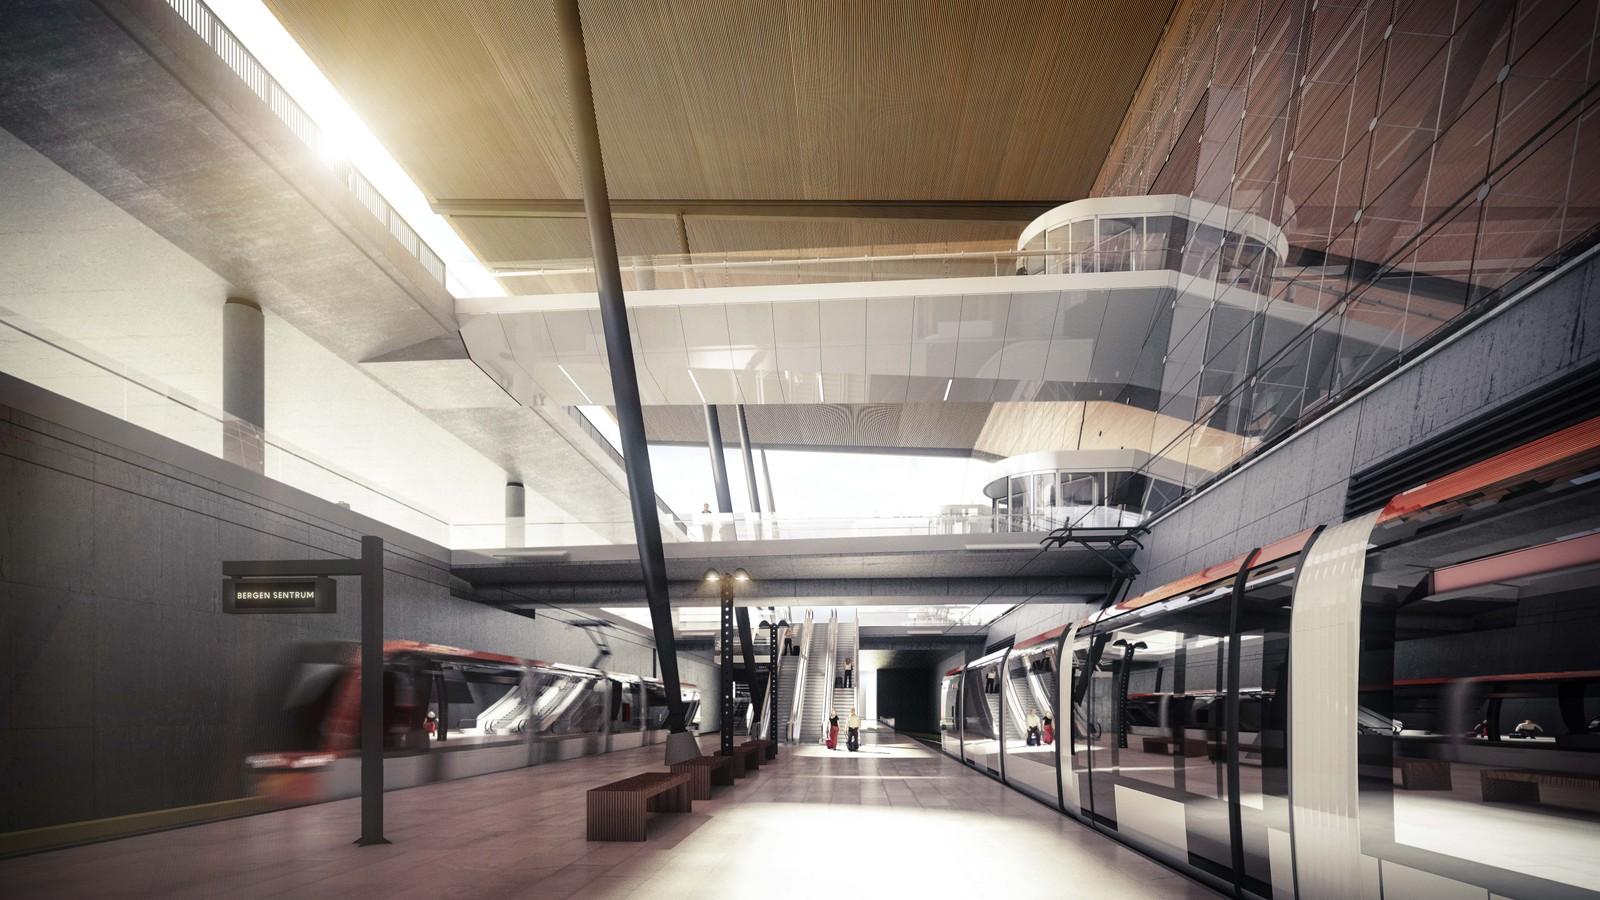 BYBANEN: Bybanens endestasjon vil ligge i terminalens underetasje. Illustrasjon: Nordic – Office of Architecture